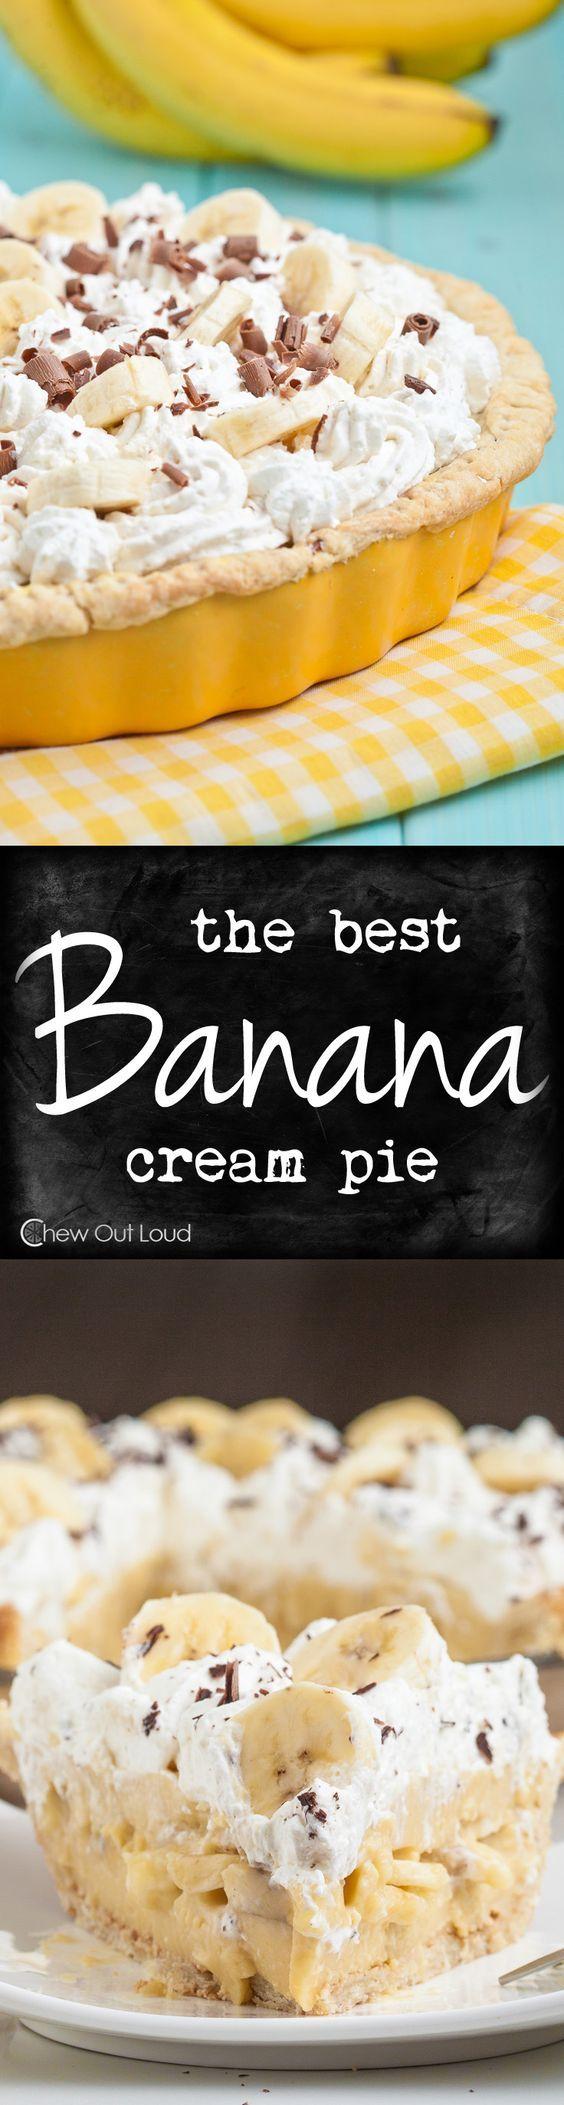 BEST BANANA CREAM PIE RECIPE